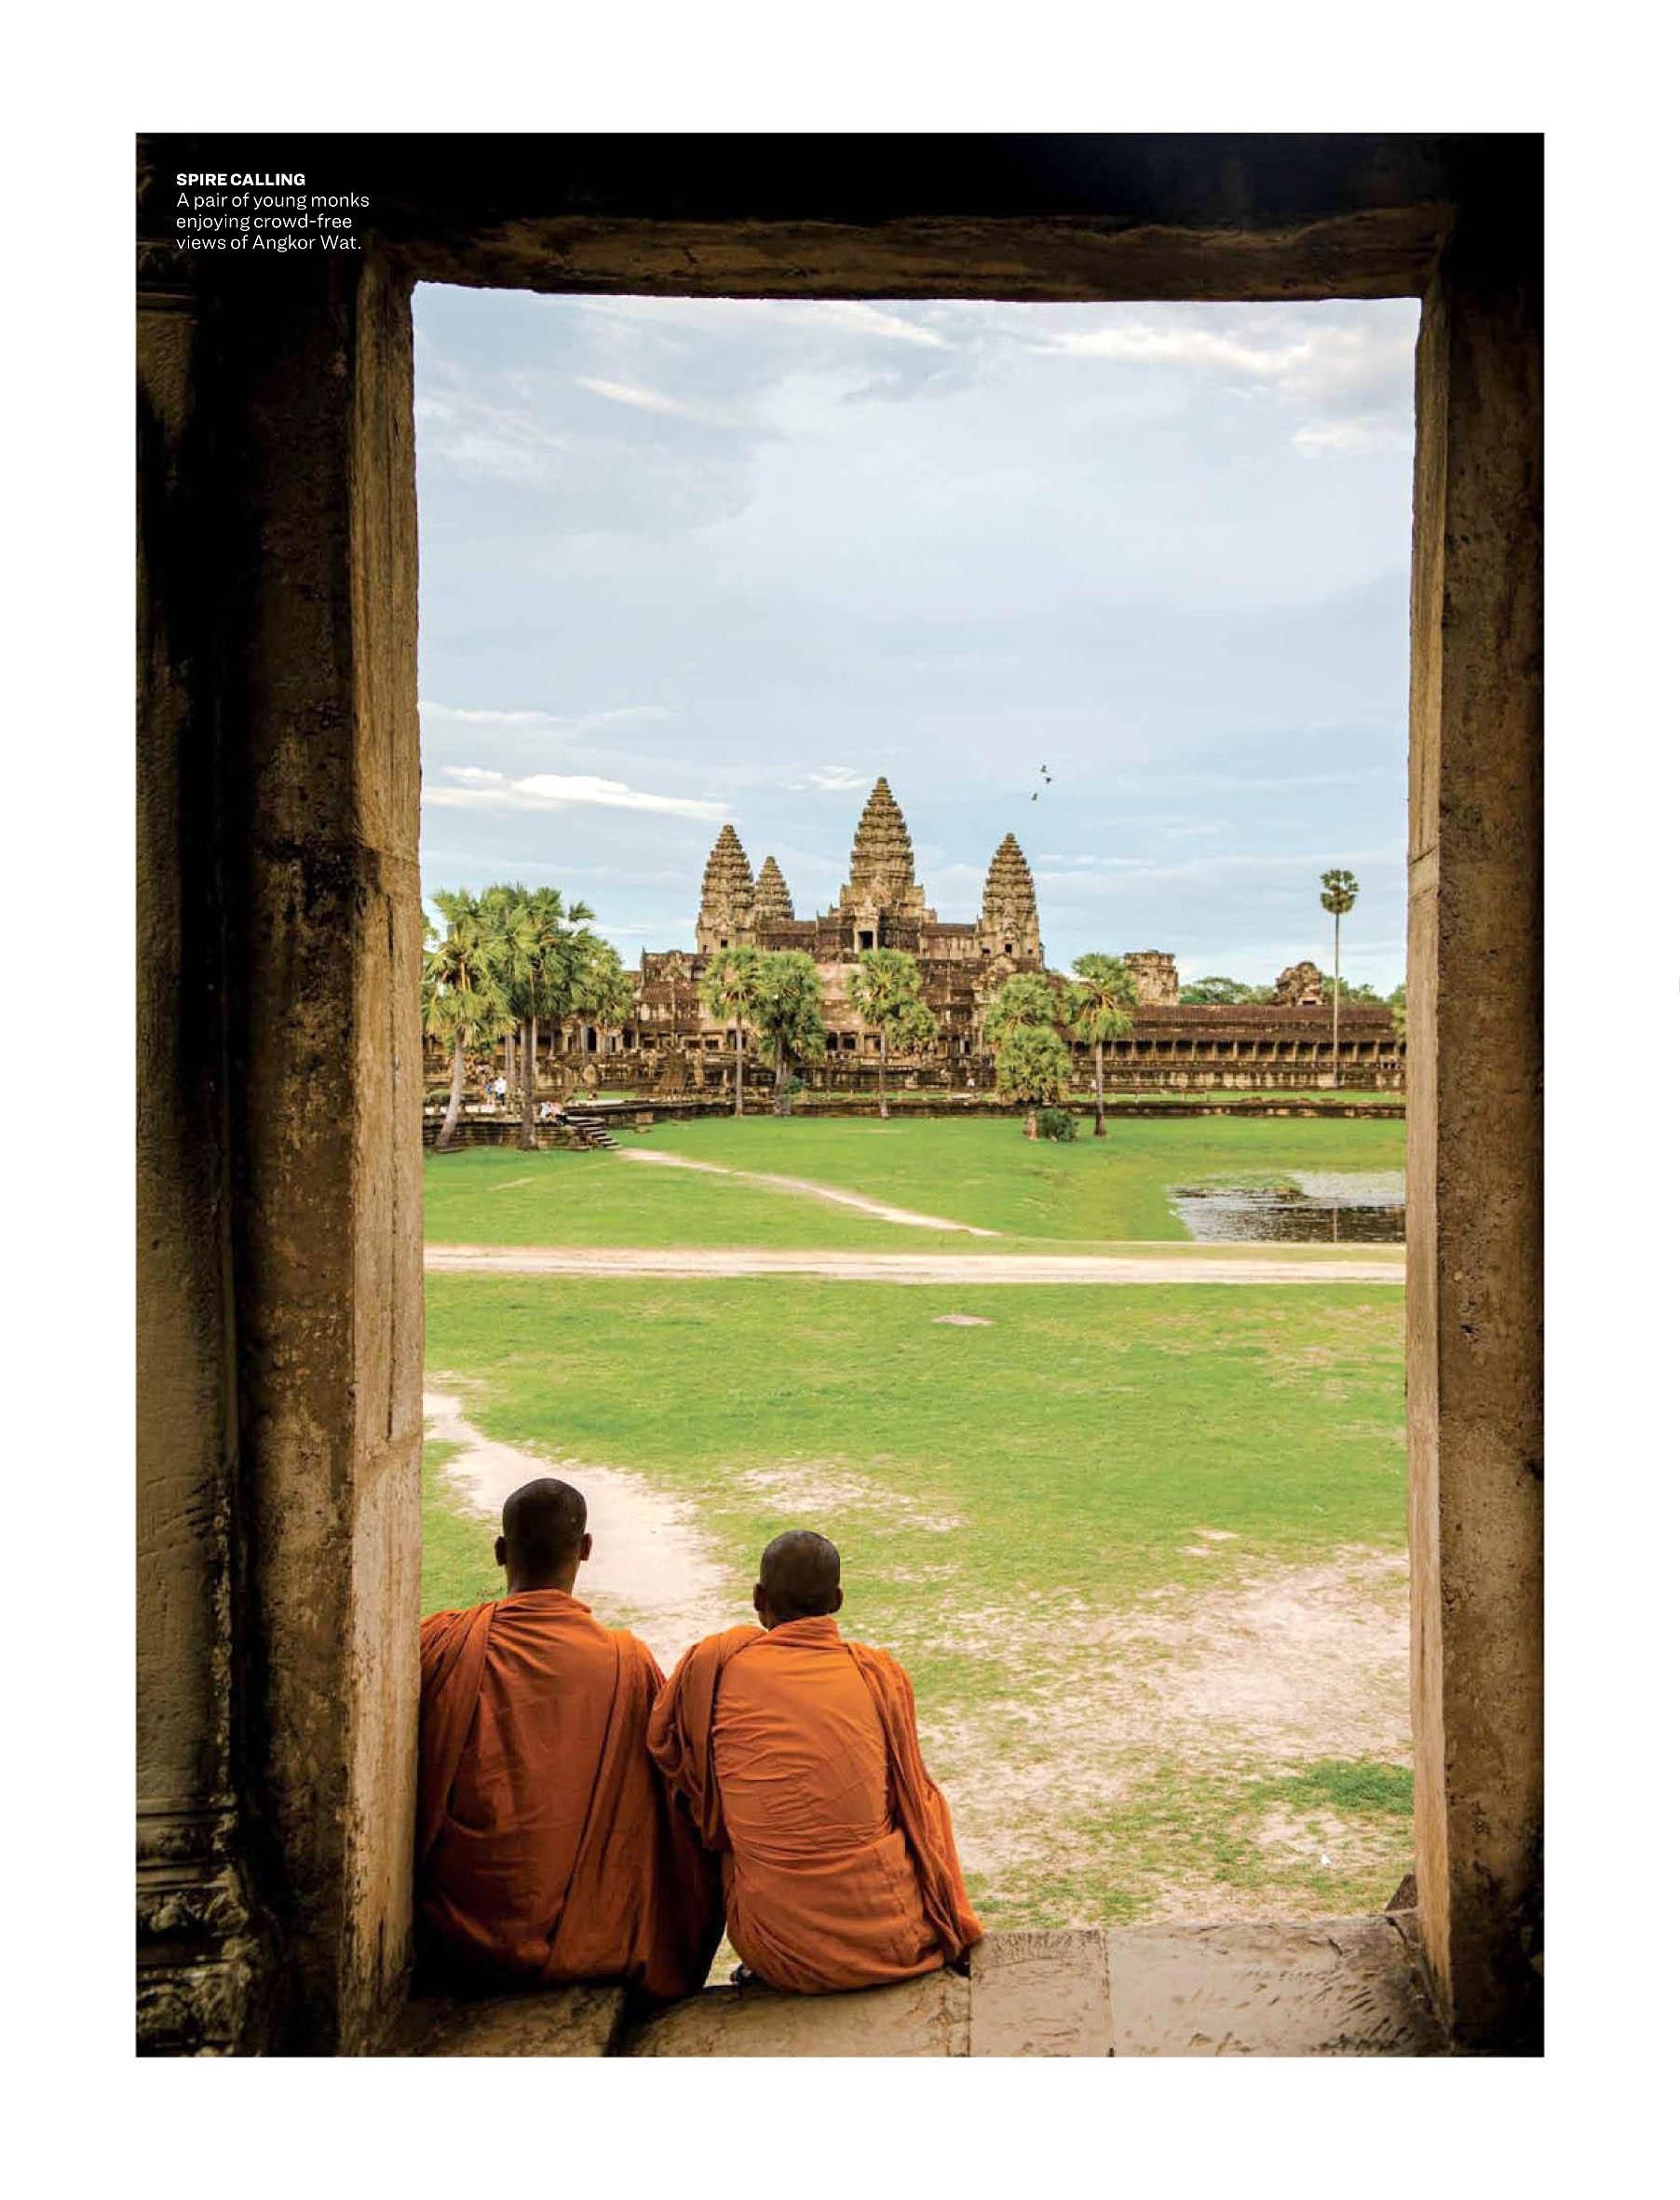 DestinAsian 2021-09-11 Angkor-1.jpg